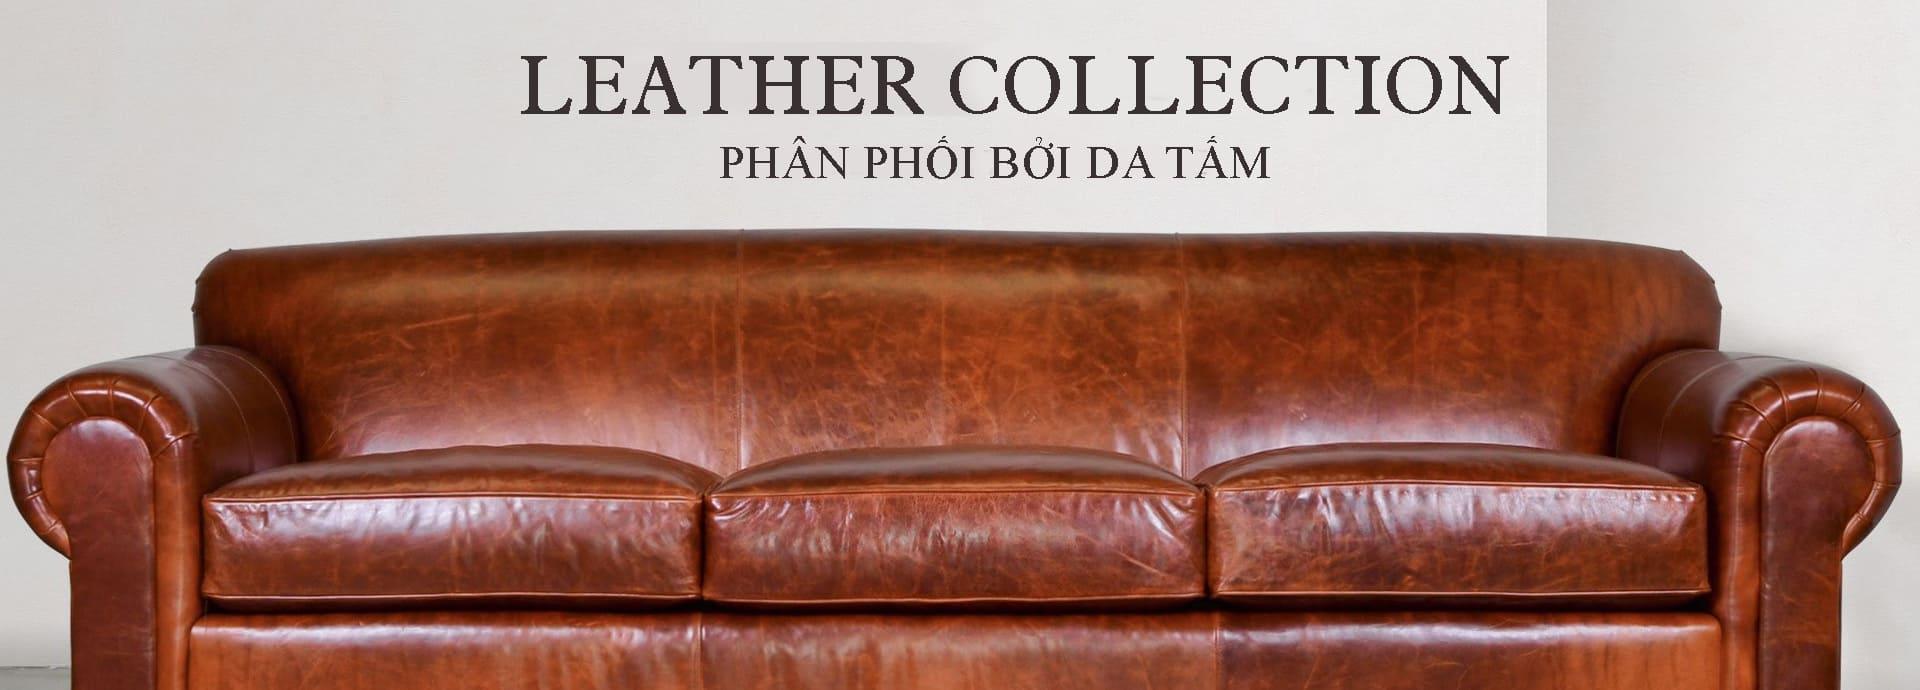 Bộ sofa da thật sang trọng cho phòng khách của bạn